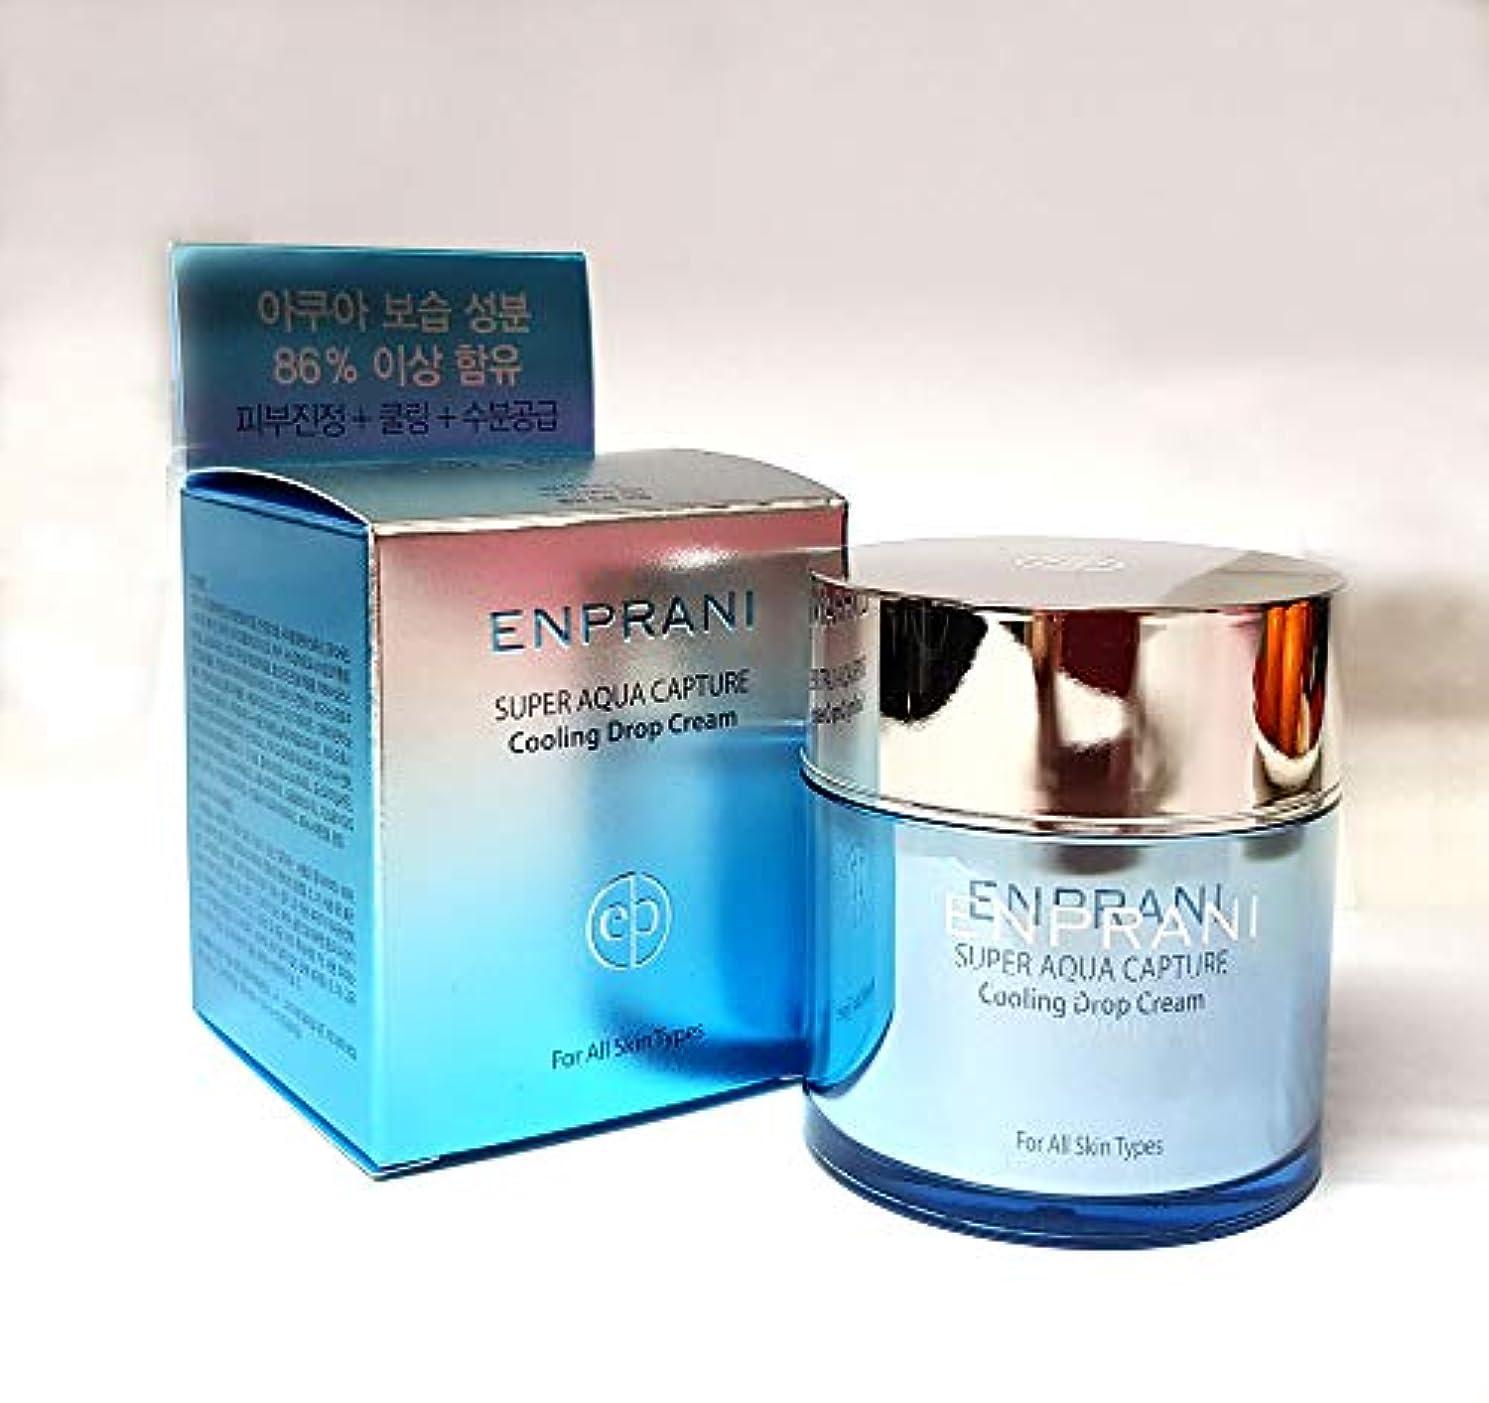 落ち着いた作成する宣言[ENPRANI] スーパーアクアキャプチャクーリングドロップクリーム50ml/Super Aqua Capture Cooling Drop Cream 50ml/スージング、皮脂及び毛穴管理、保湿/Soothing,...